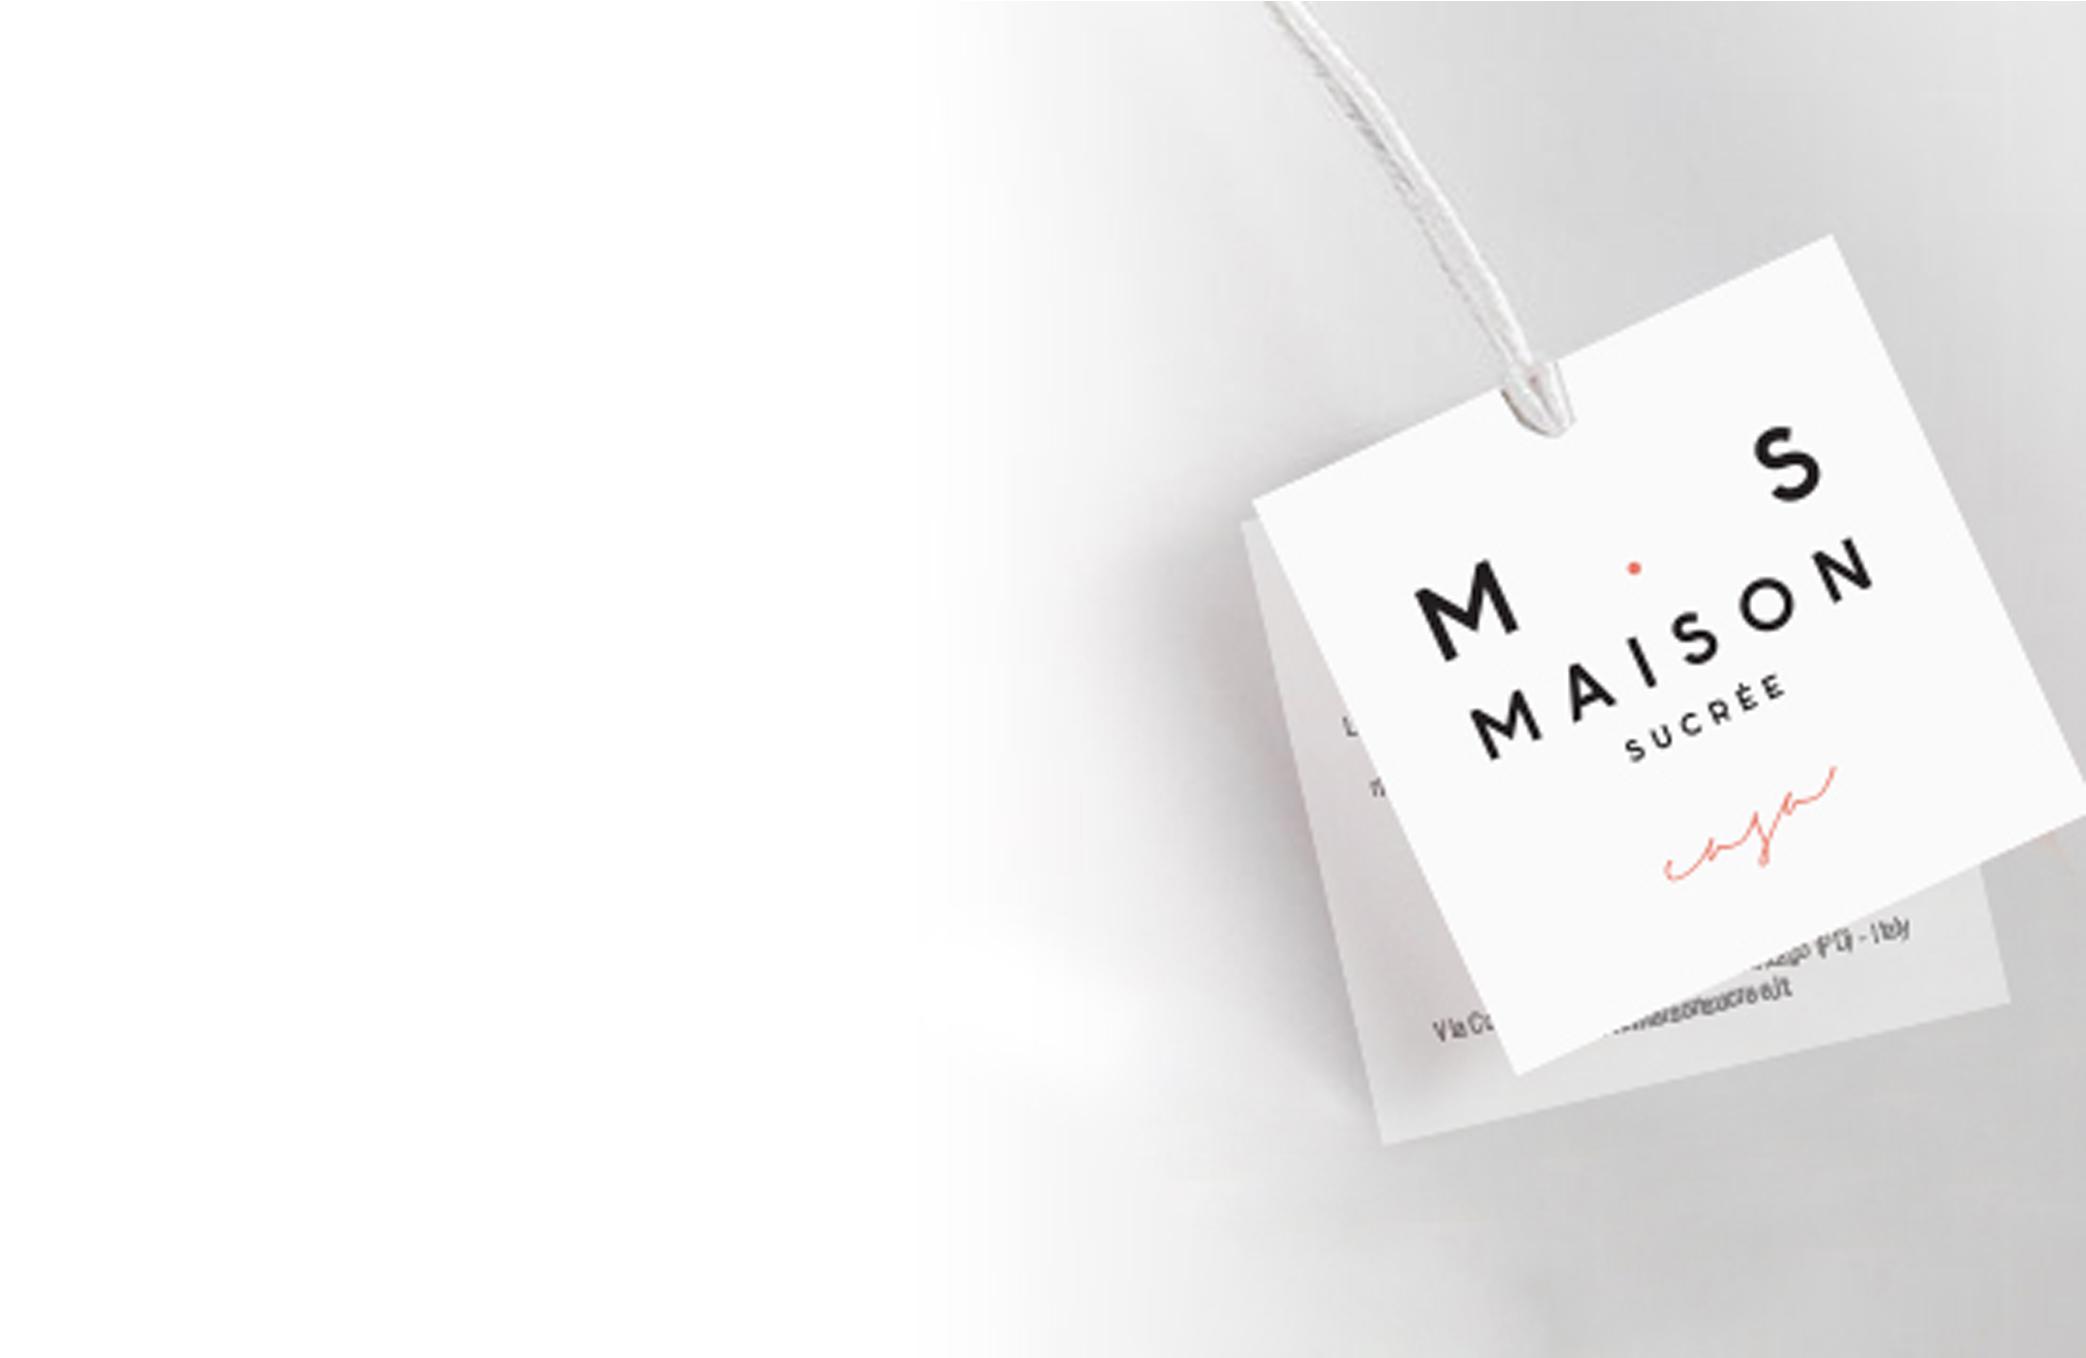 Il Brand Maison Sucrée si veste di nuovo